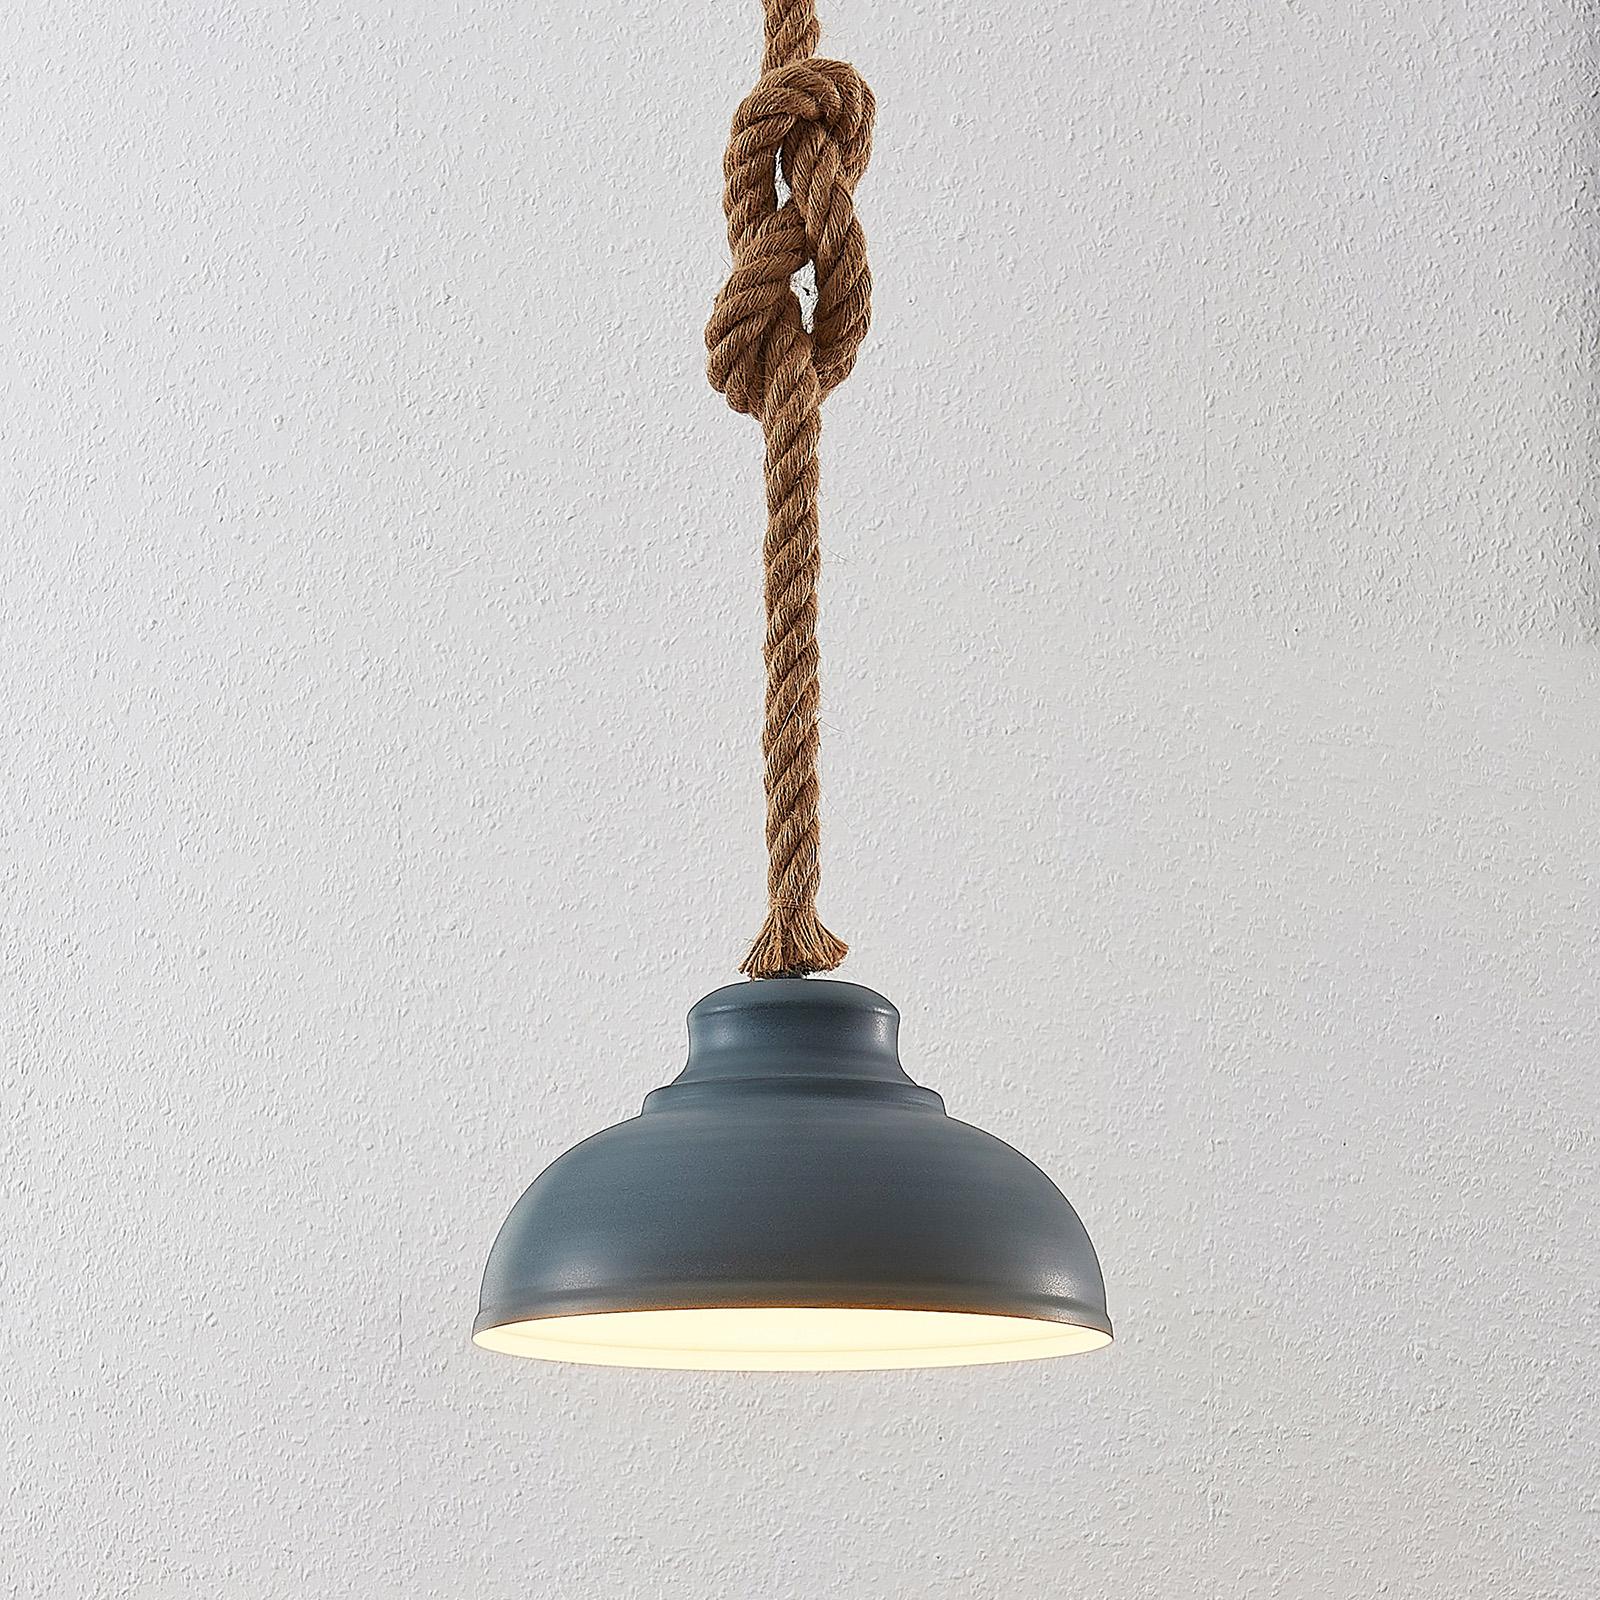 Lindby Chaby beton lampa wisząca, 1-punktowa